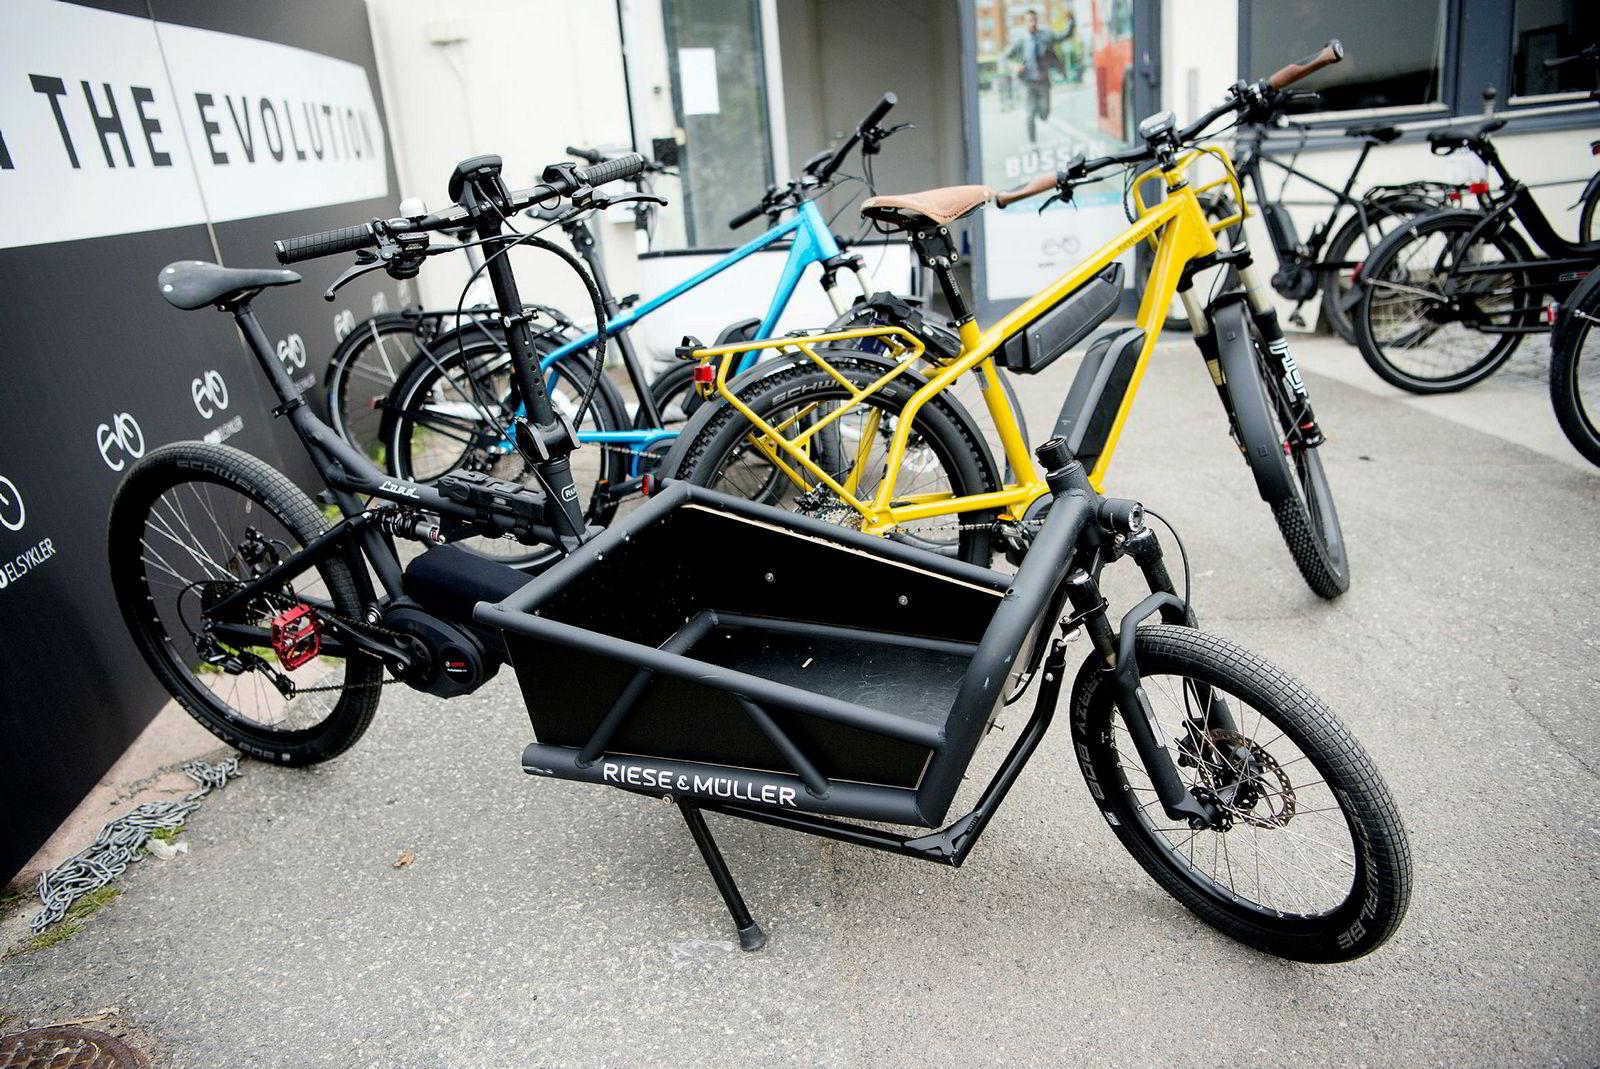 Såkalte lastesykler med større lastekapasitet er blitt populære blant en del kunder.